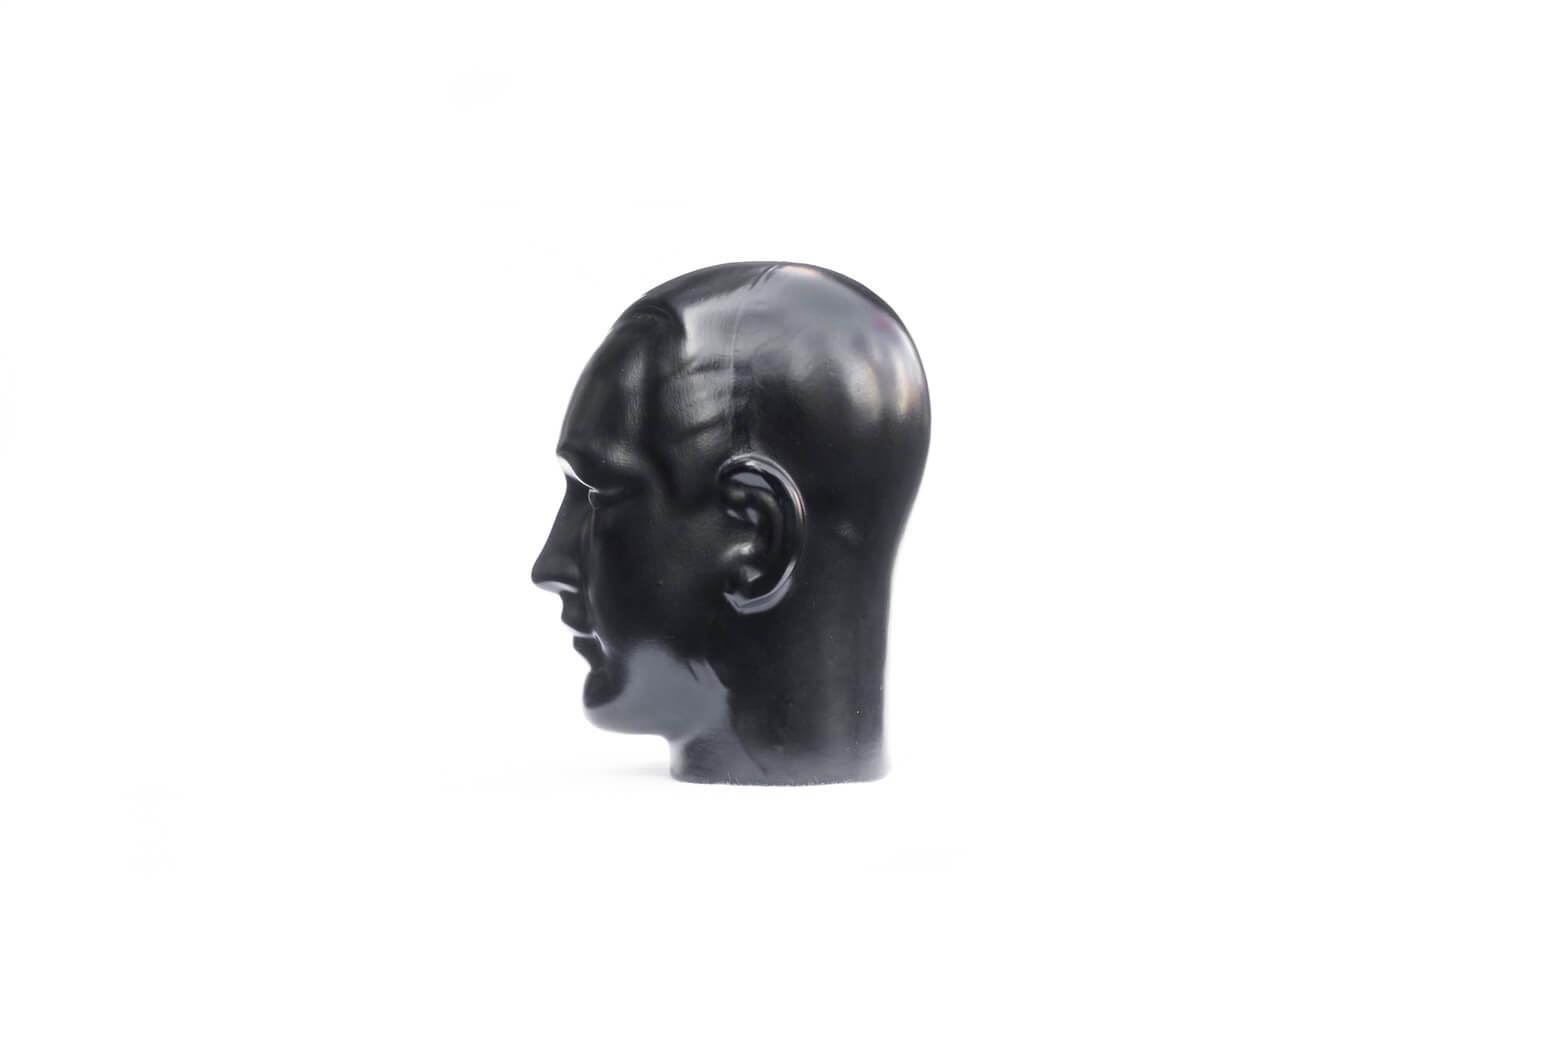 Vintage Pottery Mannequin Head/ヴィンテージ マネキンヘッド 陶器 ディスプレイ インテリア